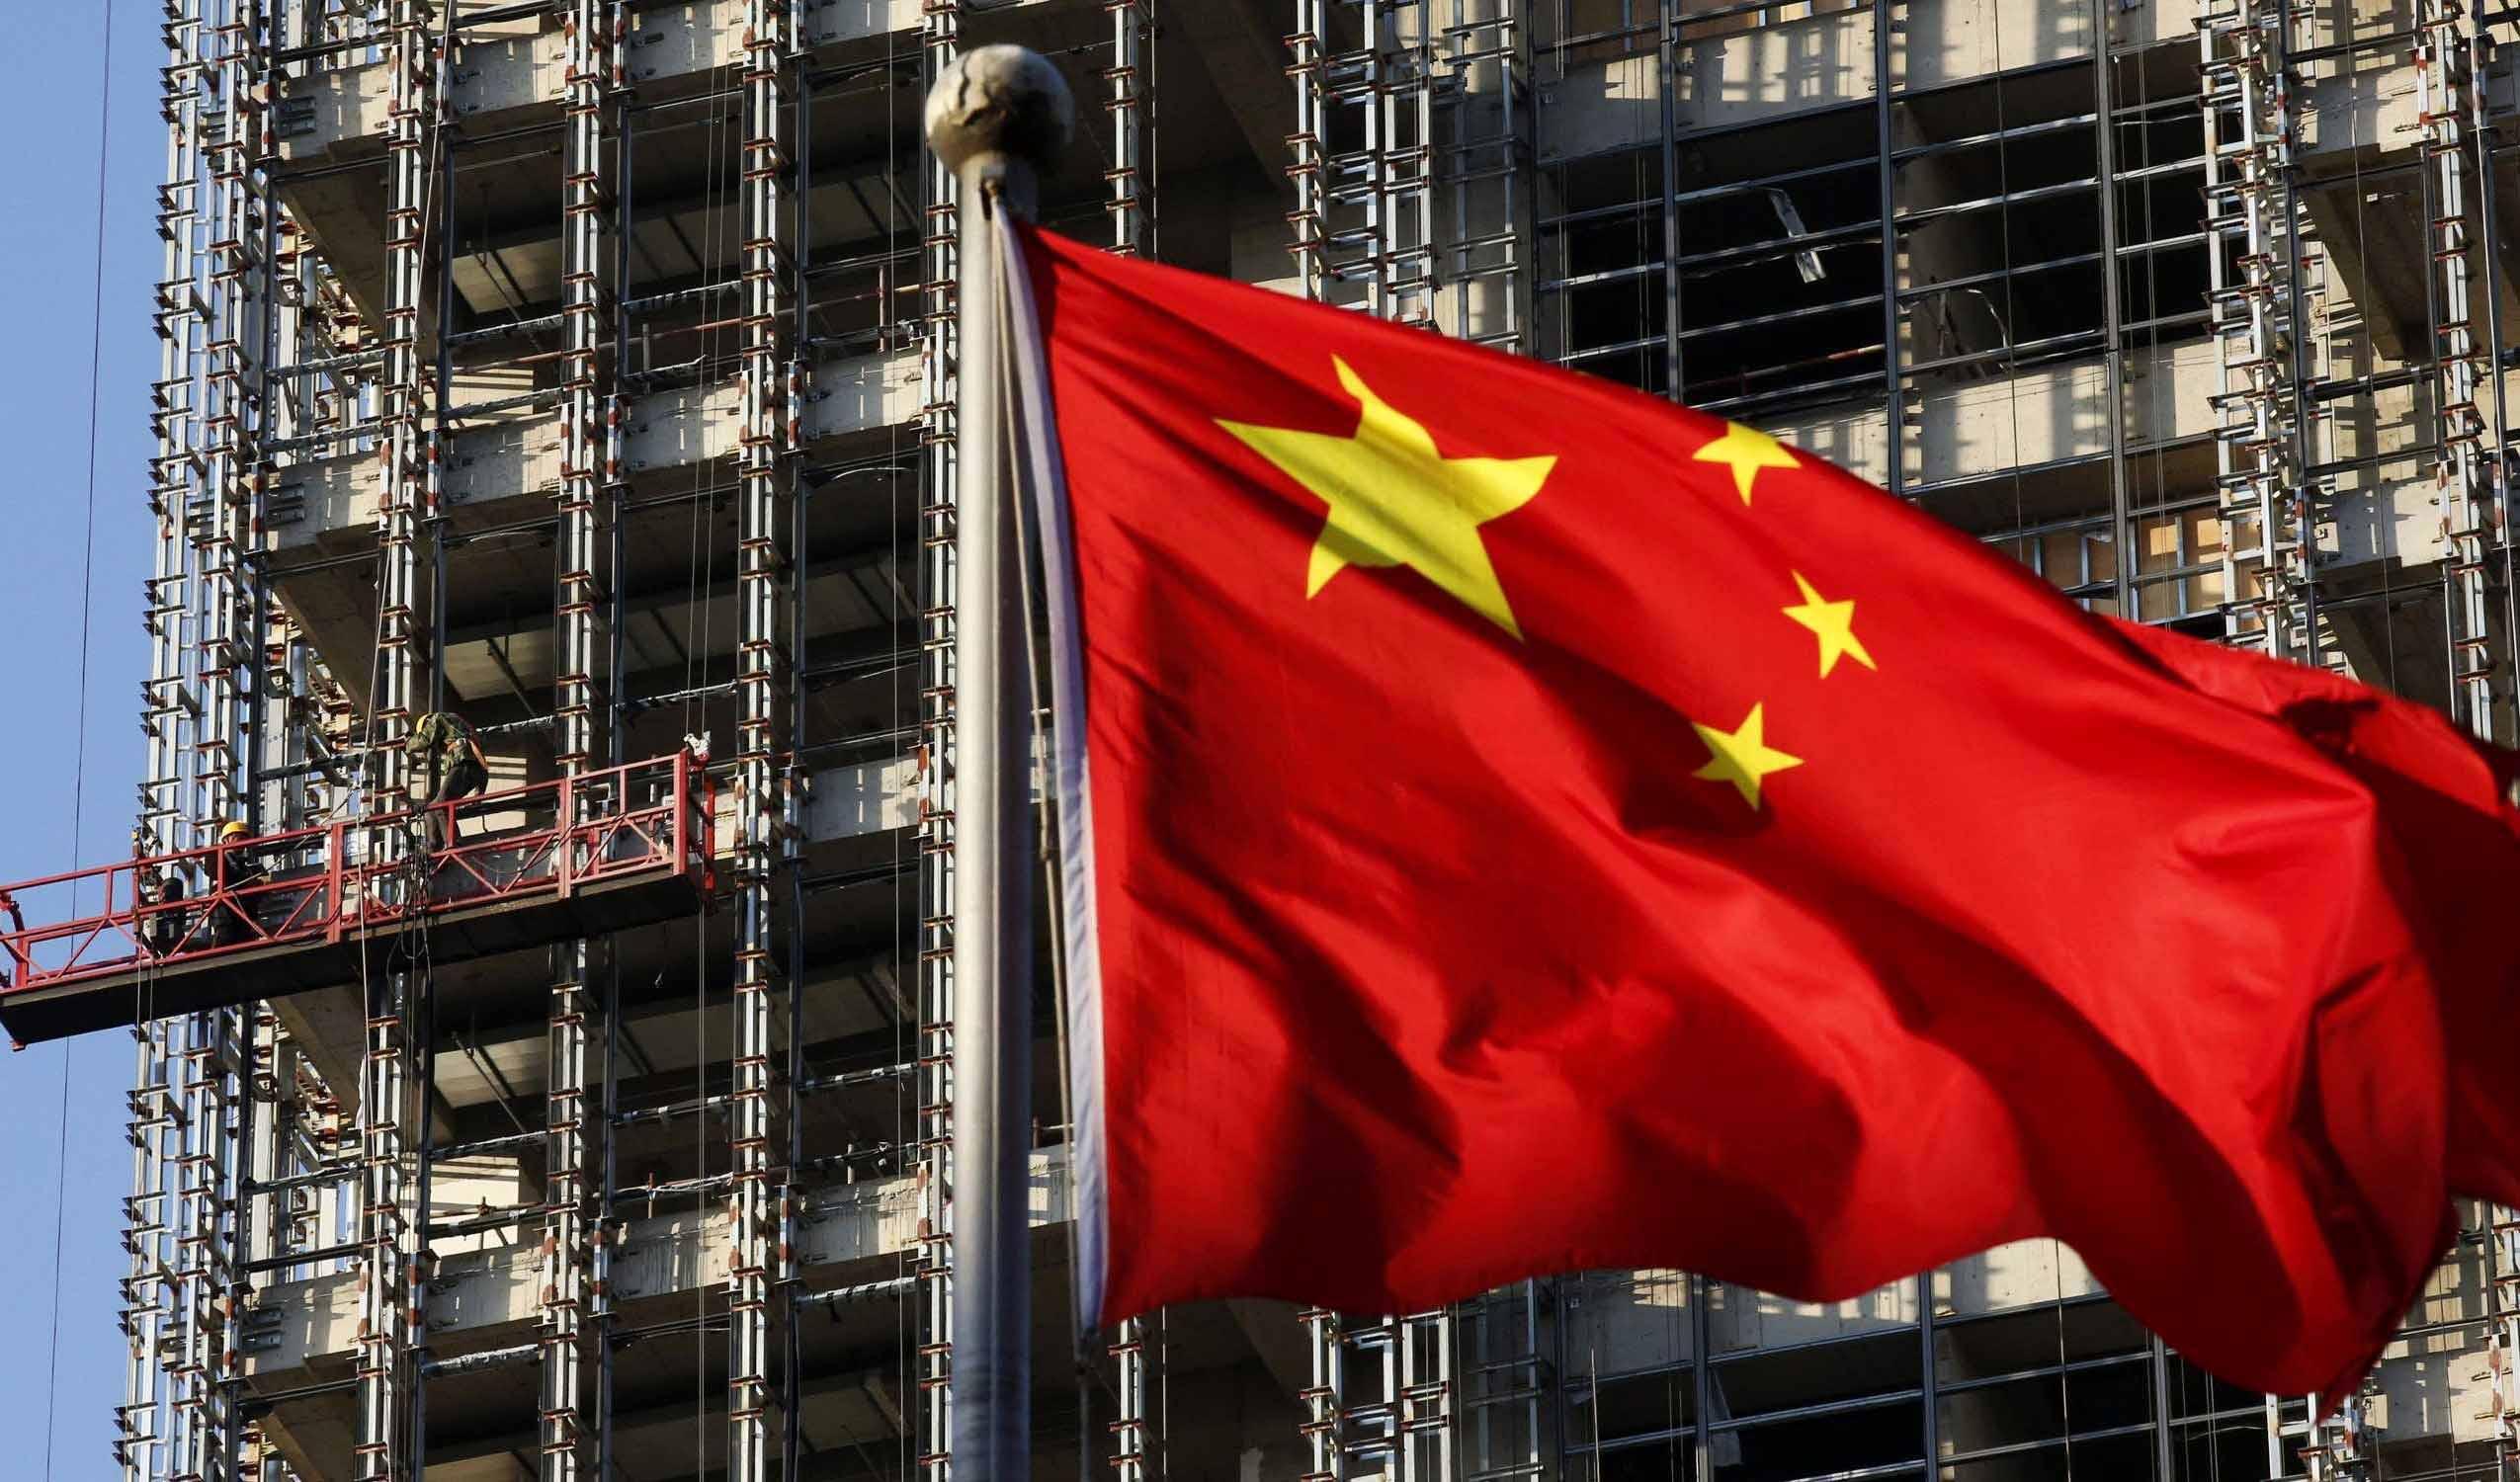 داستان معجزه اقتصادی چین